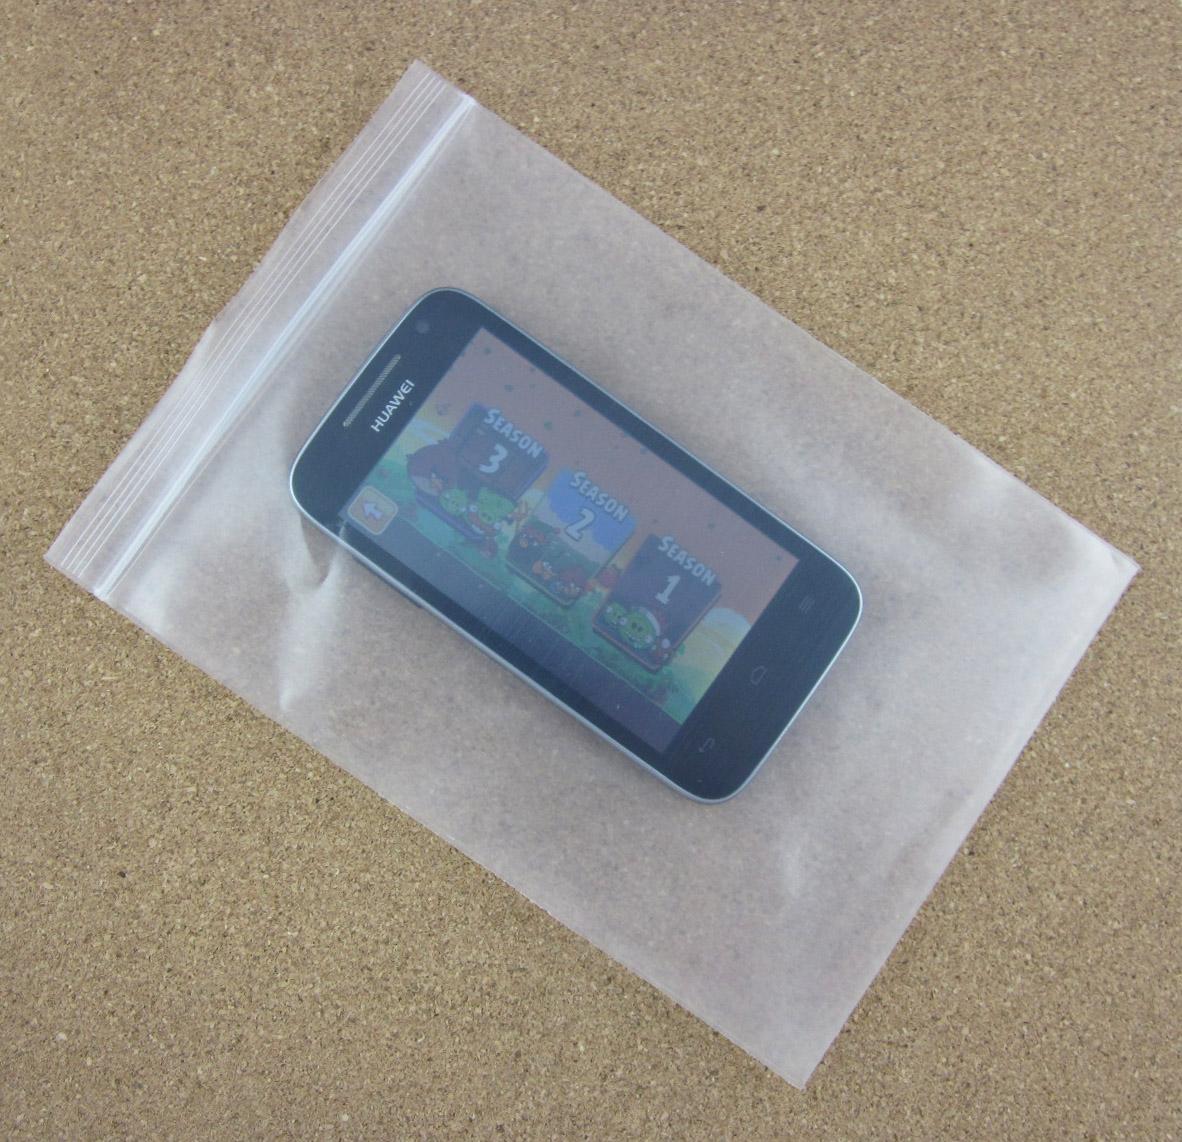 俊立牌塑料包服装袋透明夹链自封袋批发8*12厘米20丝8.5元/百只